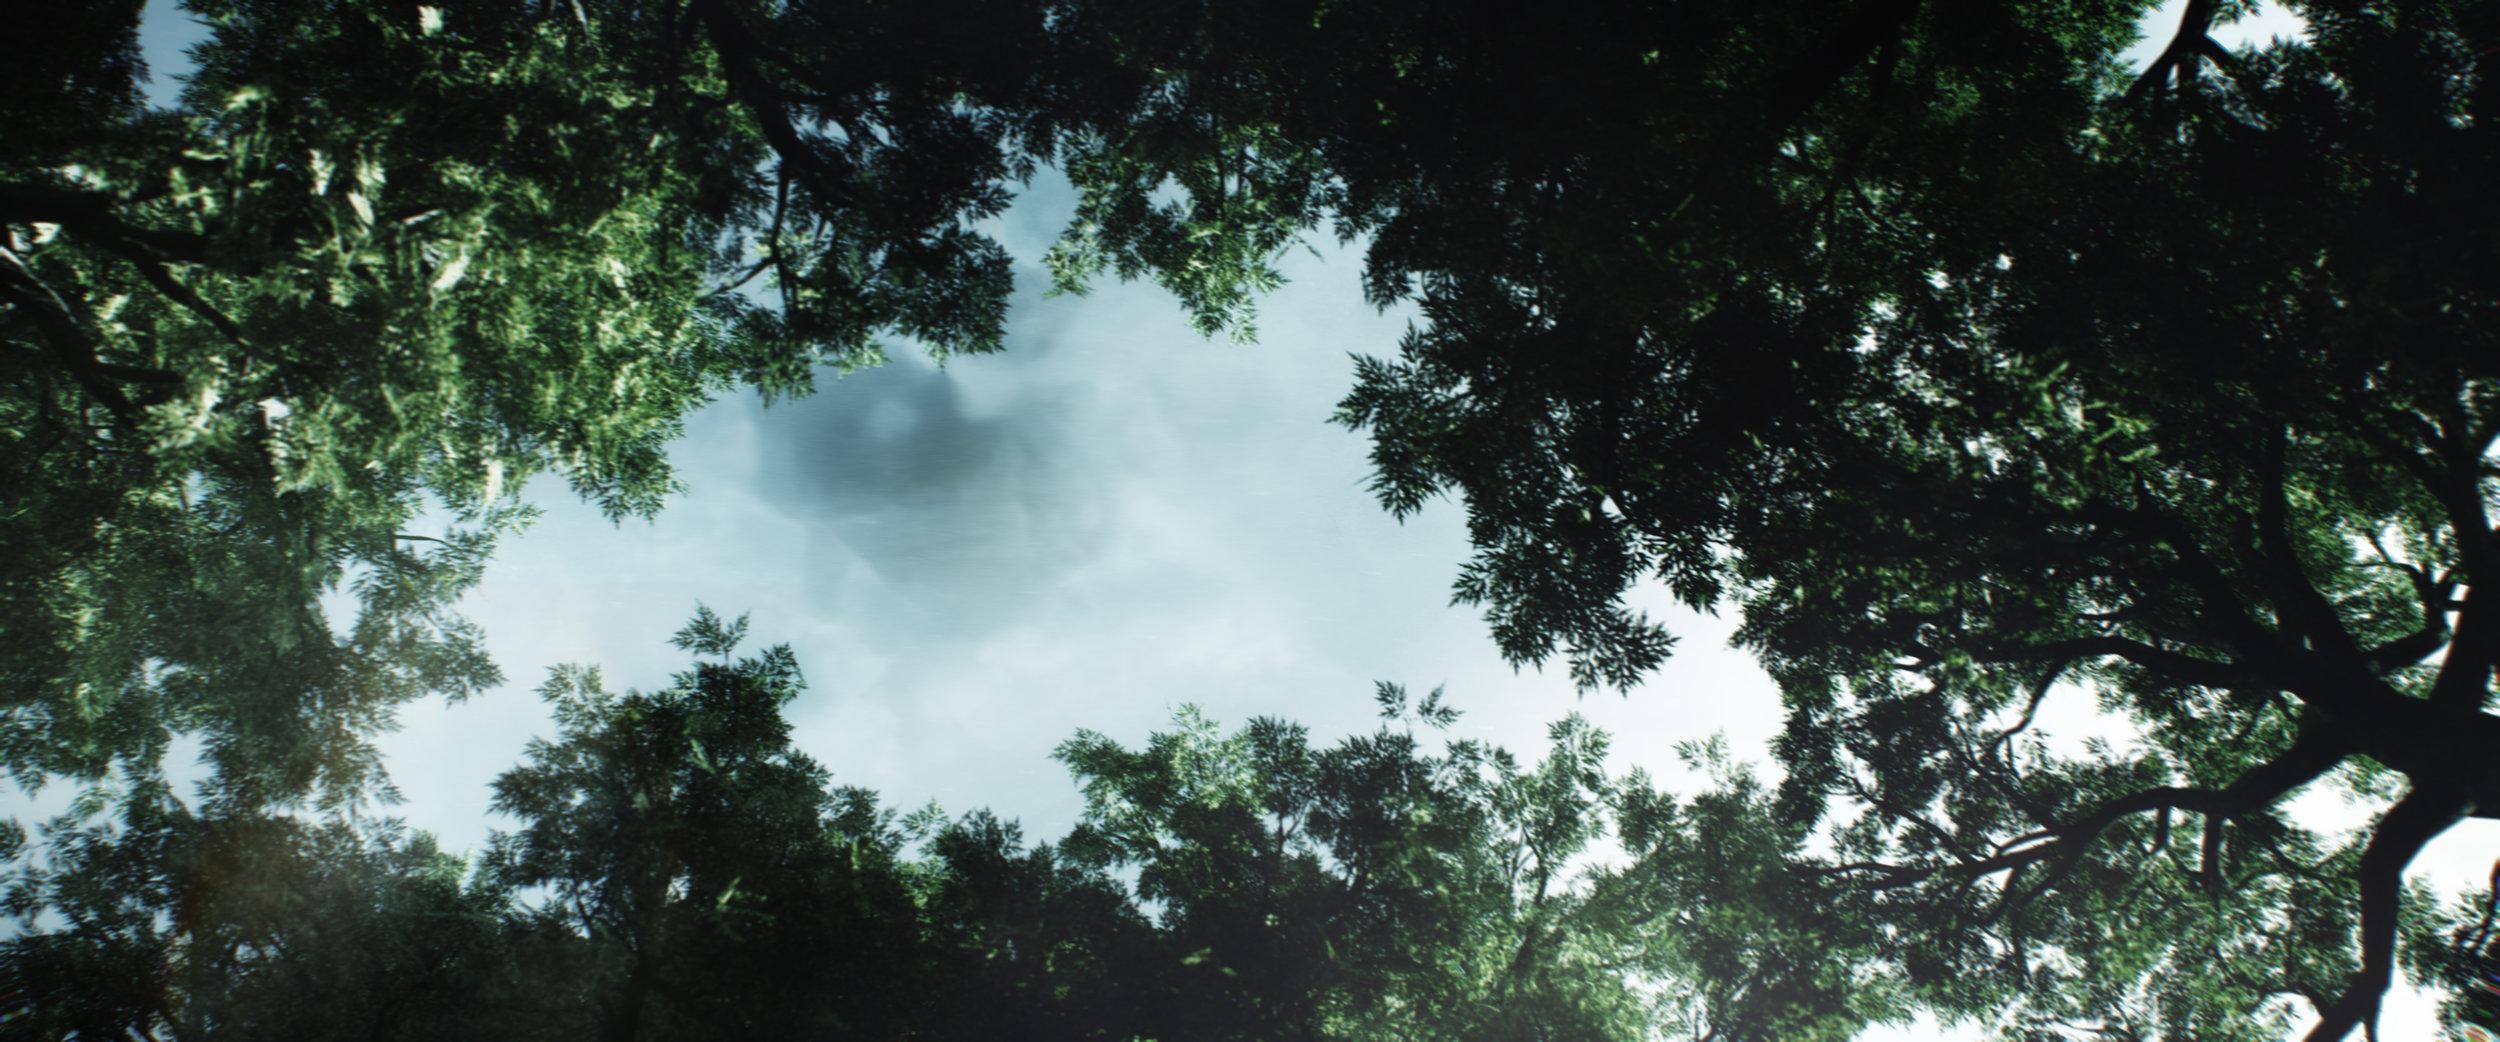 TreeUP_Clouds.jpg